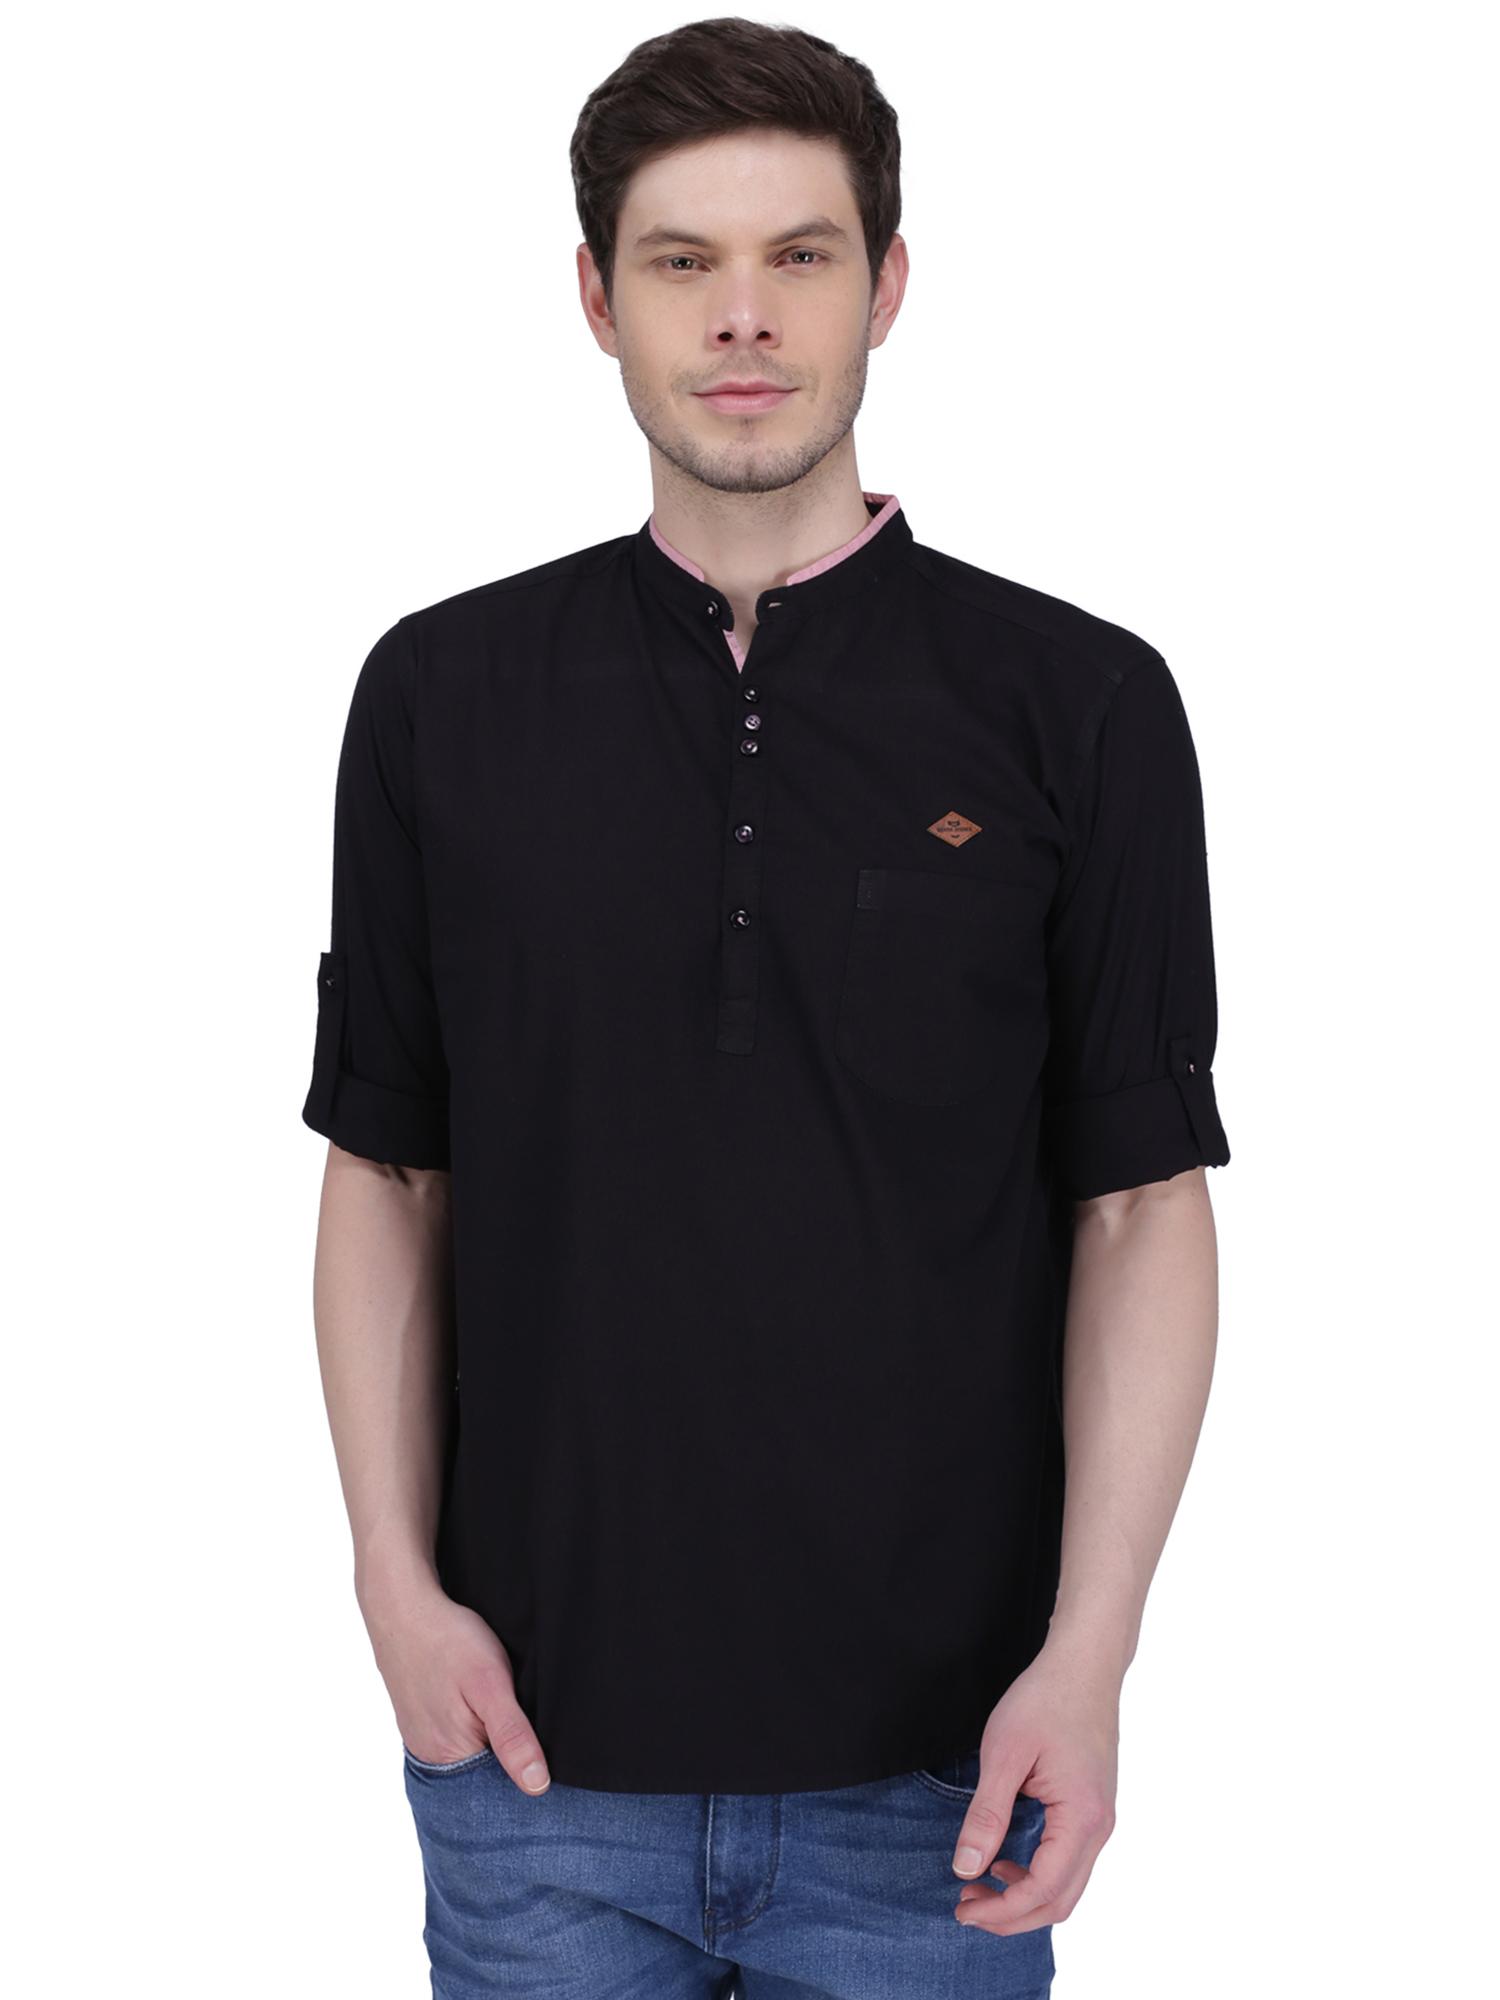 Kuons Avenue | Kuons Avenue Men's Black Linen Cotton Short Kurta- KACLFS1320BK